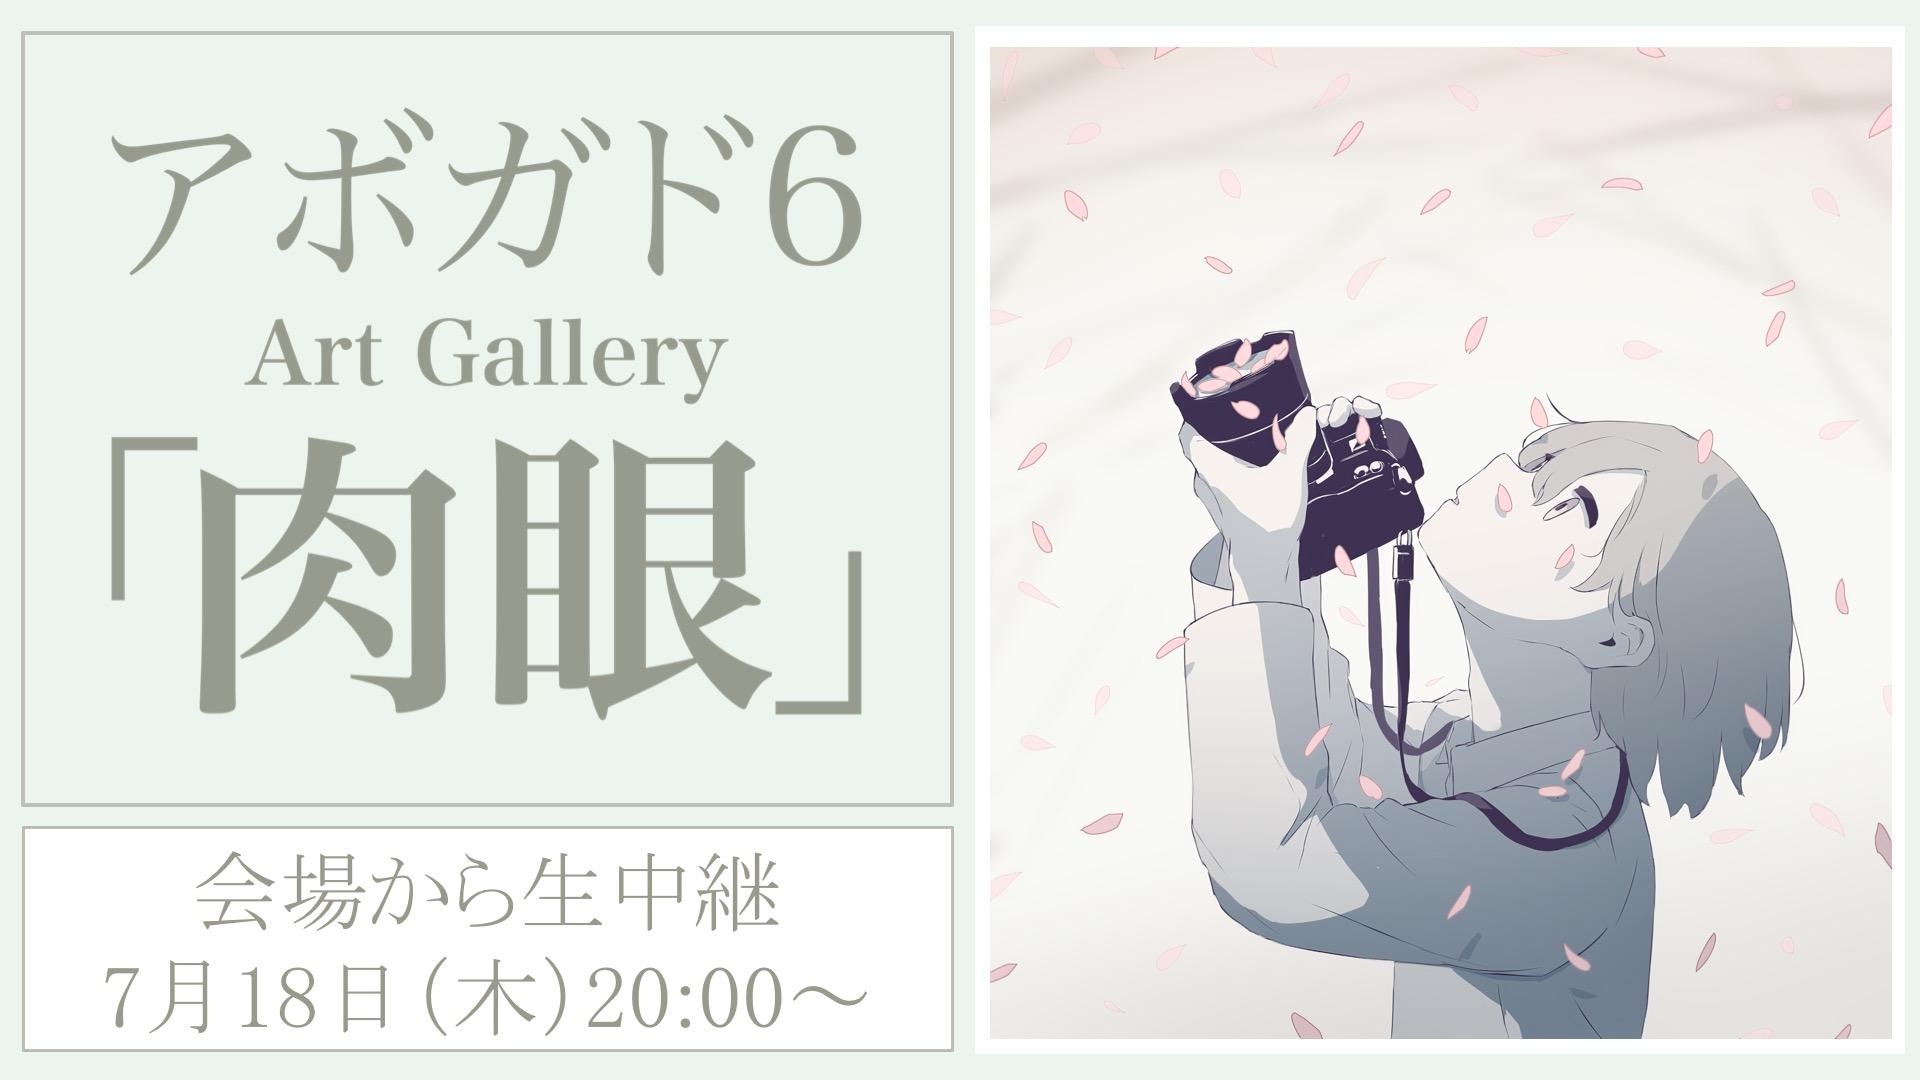 アボガド6バナー_1920×1080